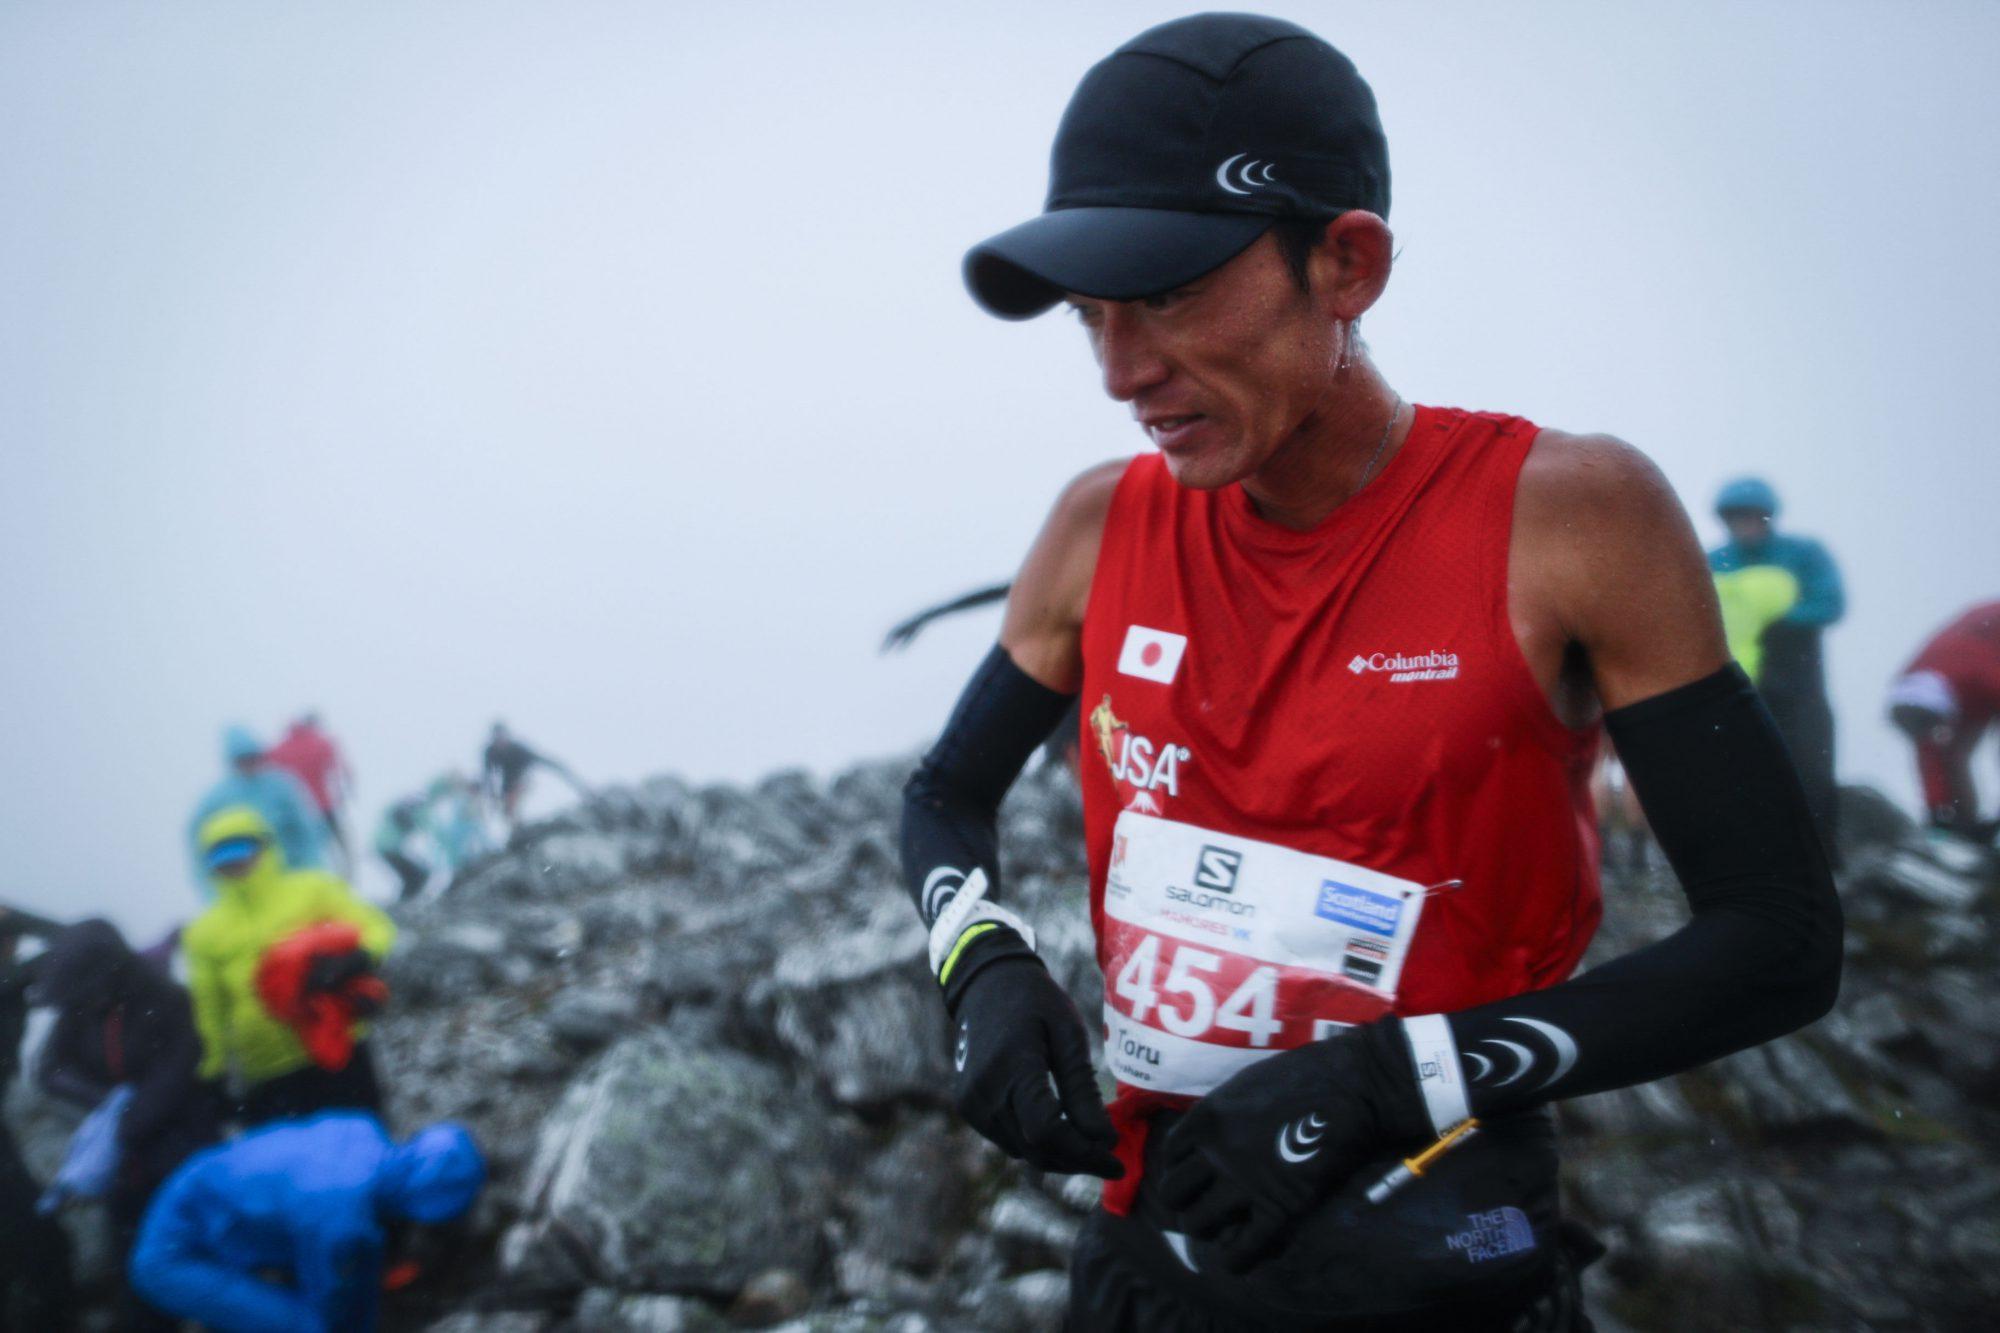 7位入賞を果たした宮原だが、ゴール後は1時間ほどスタッフのテントで待機して体温を取り戻してから下山した ©Sho Fujimaki